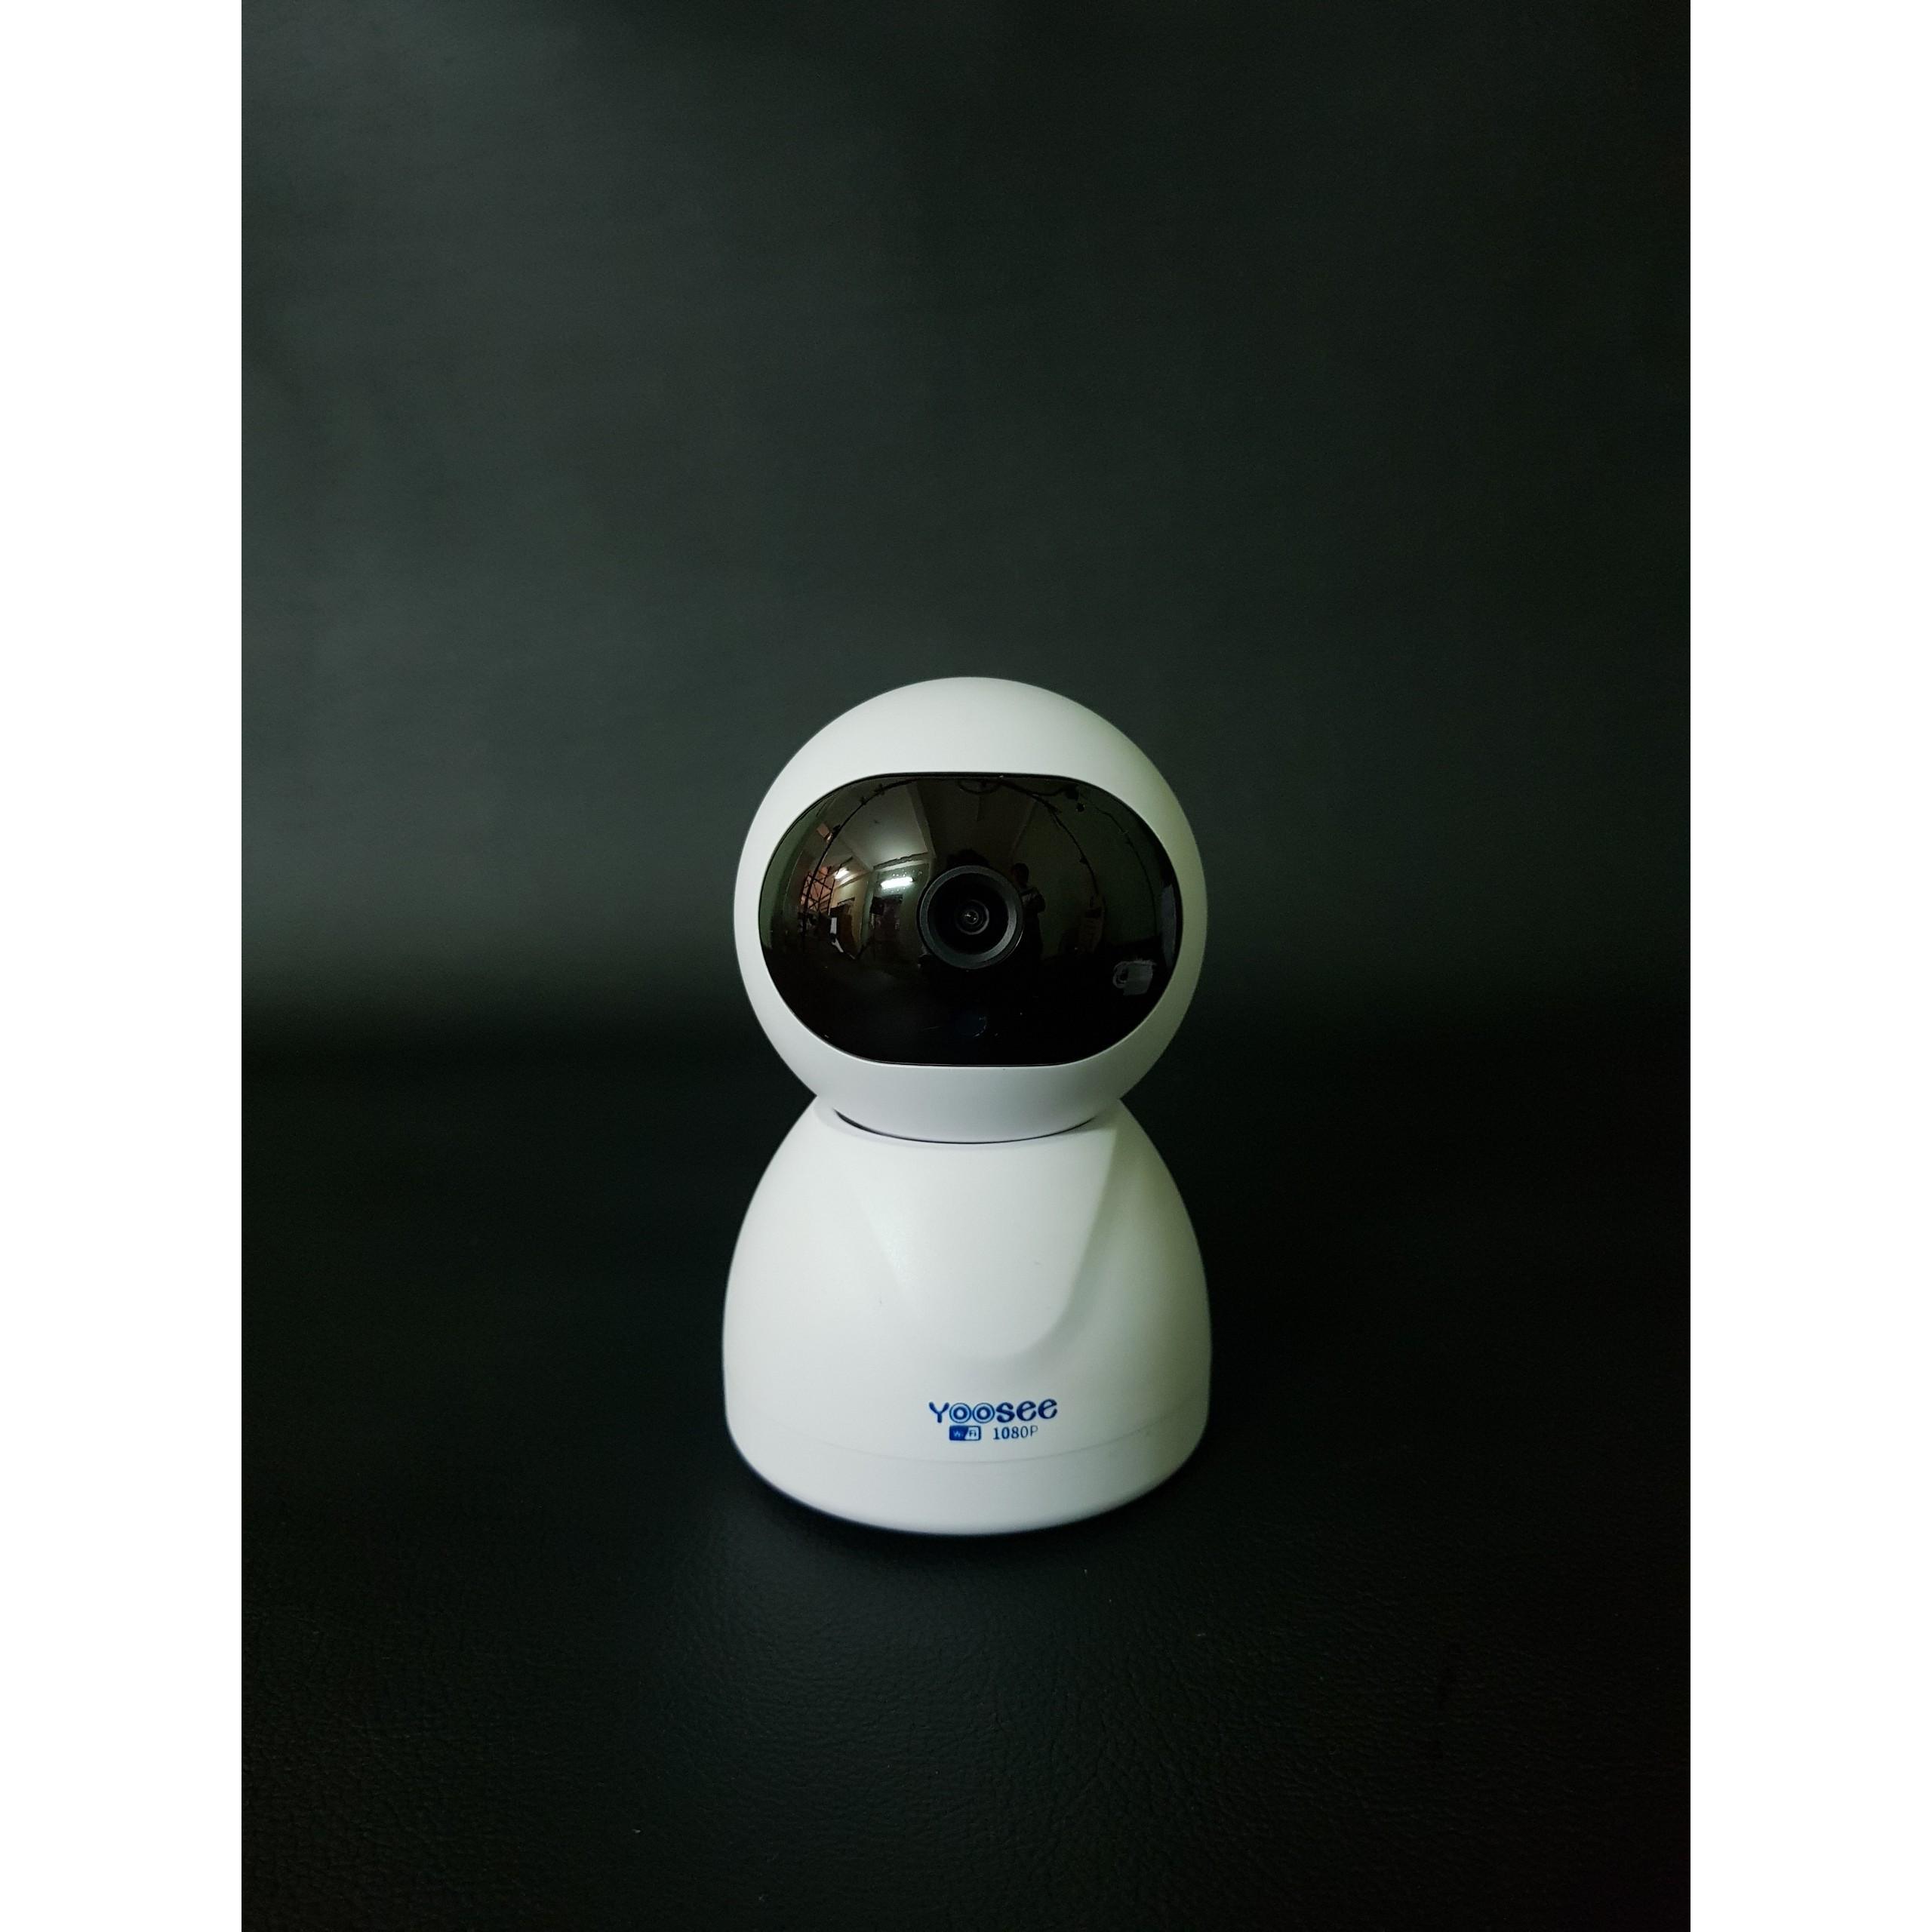 Camera IP Không Dây HWK205 FullHD 2.0 cảnh báo chuyển động tích hợp hồng ngoại dùng ứng dụng Yoosee - Hàng nhập khẩu